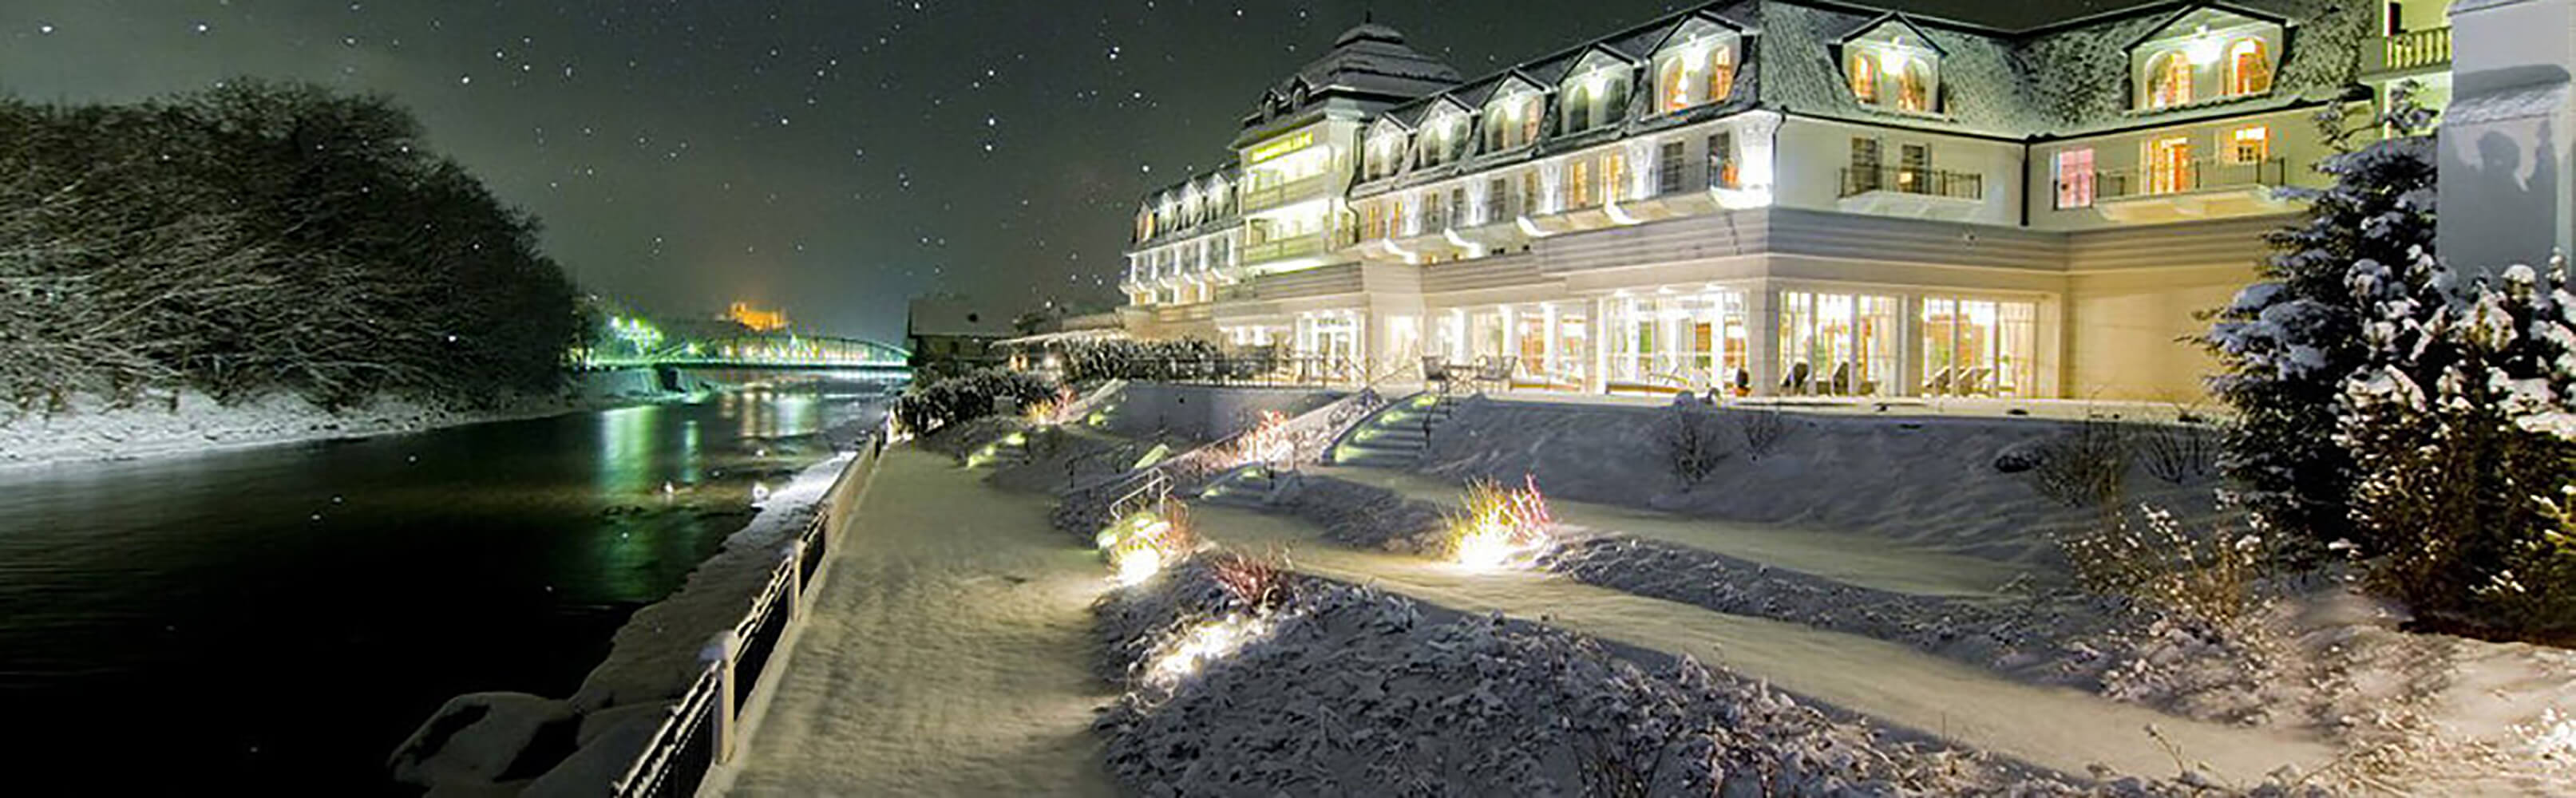 Grandhotel Lienz***** in Tirol, mit höchstem Anspruch  1